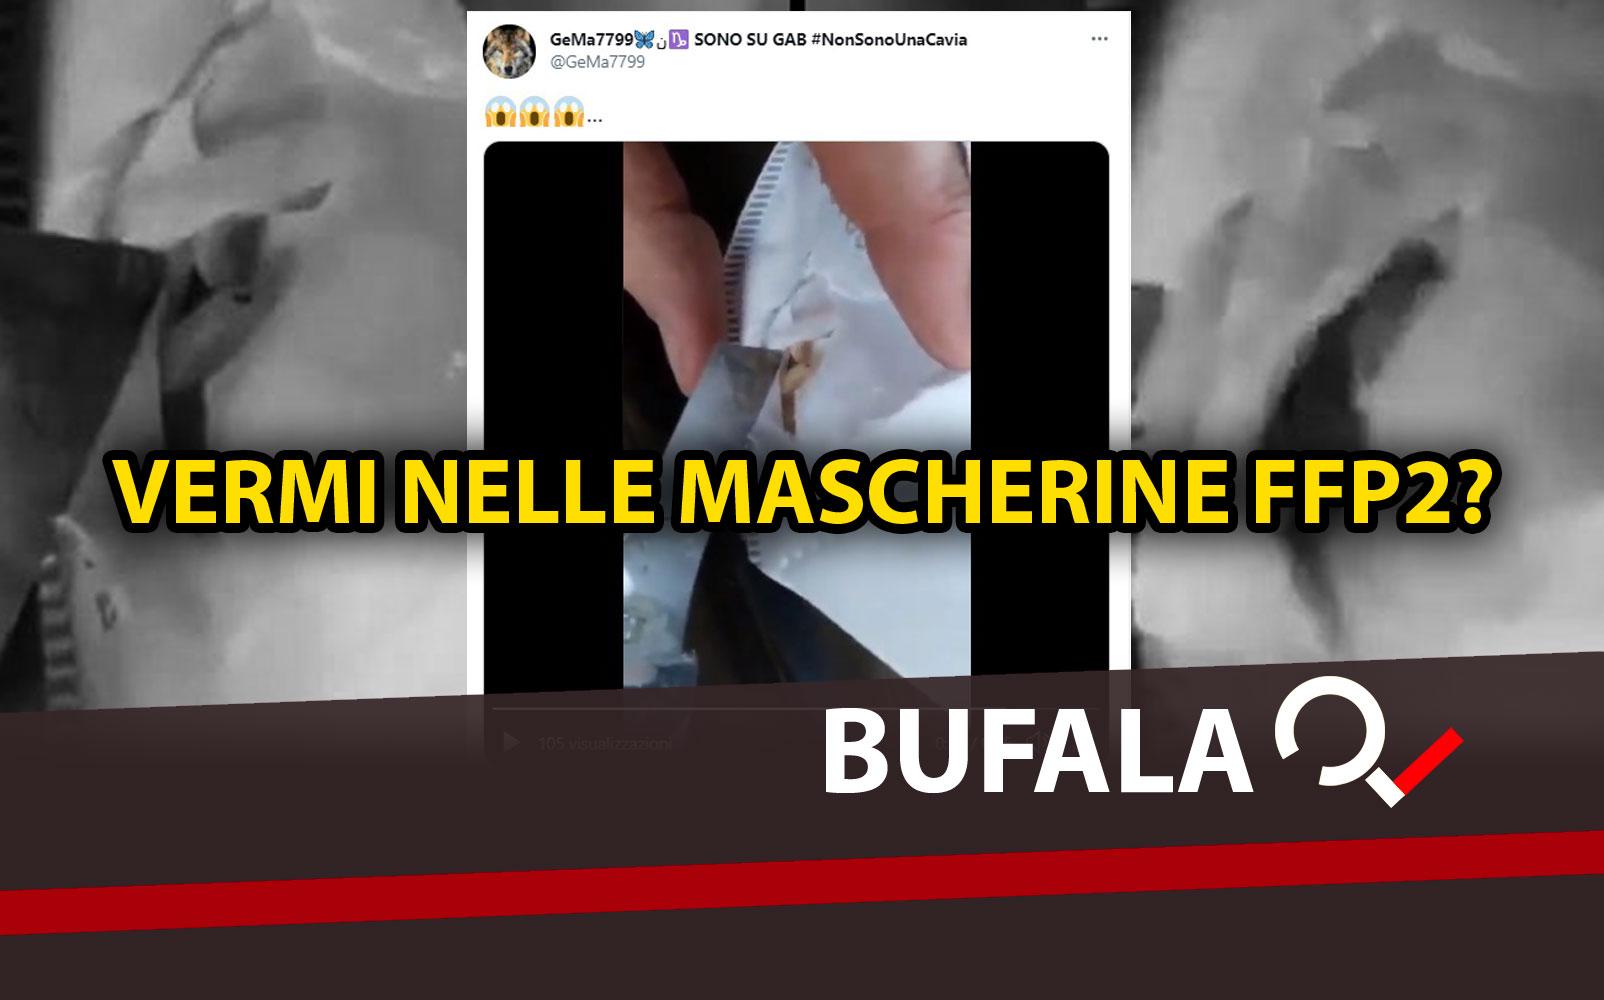 Il video dei vermi dentro le mascherine Ffp2 è una bufala! Vi spieghiamo il trucco